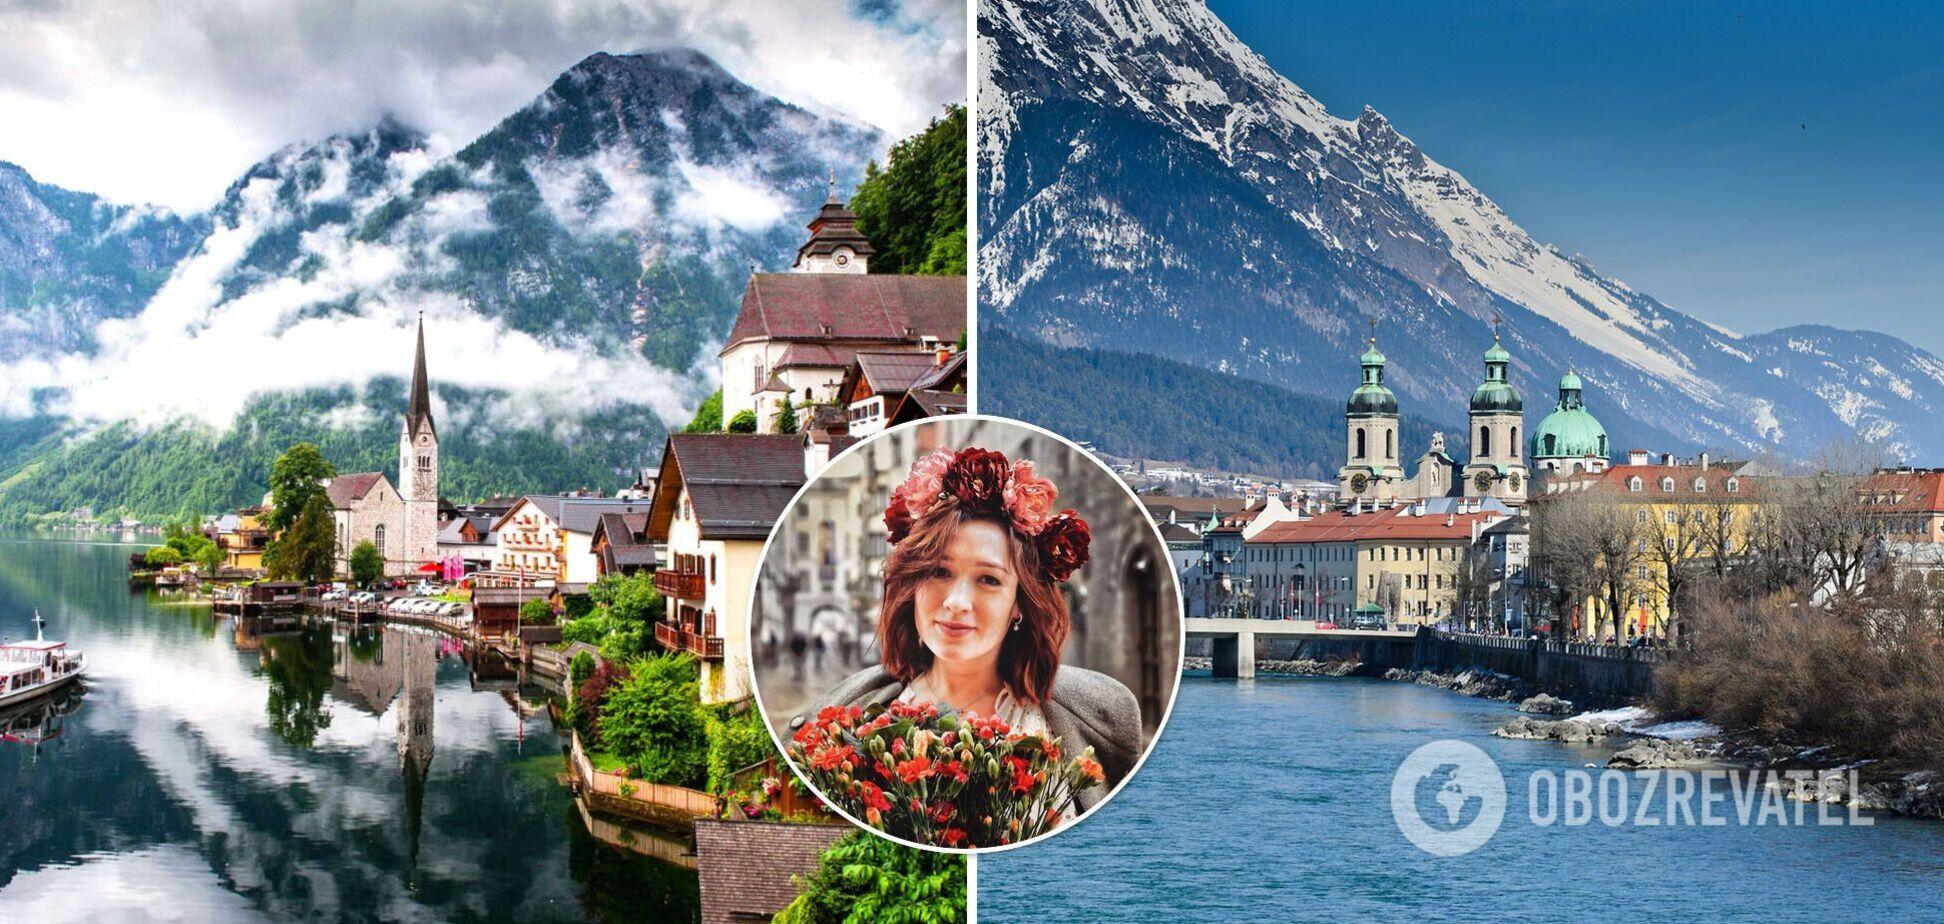 Аренда квартиры 800 евро, социальные выплаты и двойные зарплаты: украинка – о жизни в Австрии